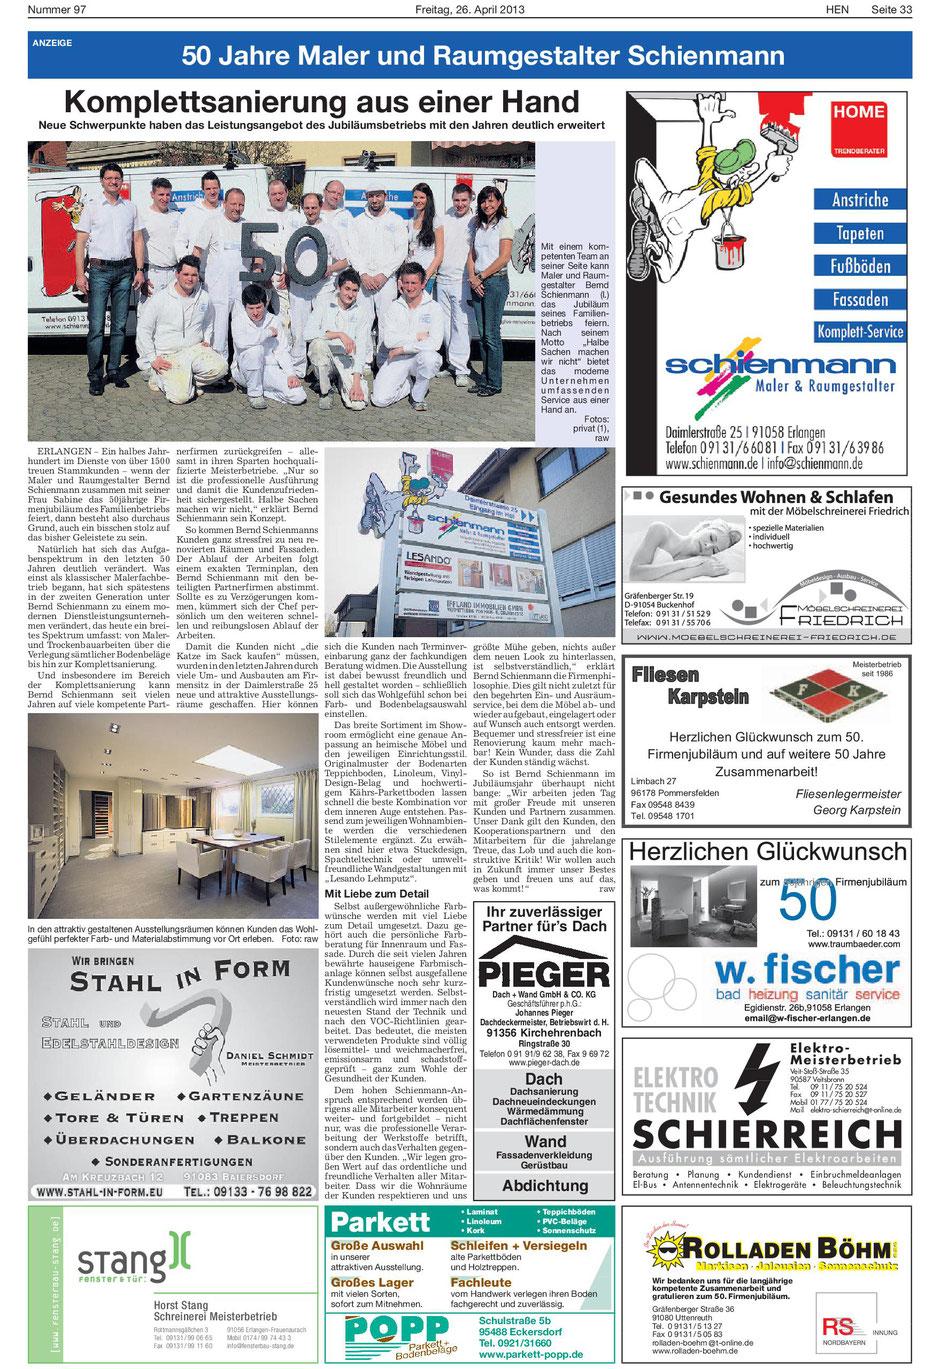 Artikel in den Erlanger Nachrichten: 50 Jahre Maler und Raumgestalter Schienmann